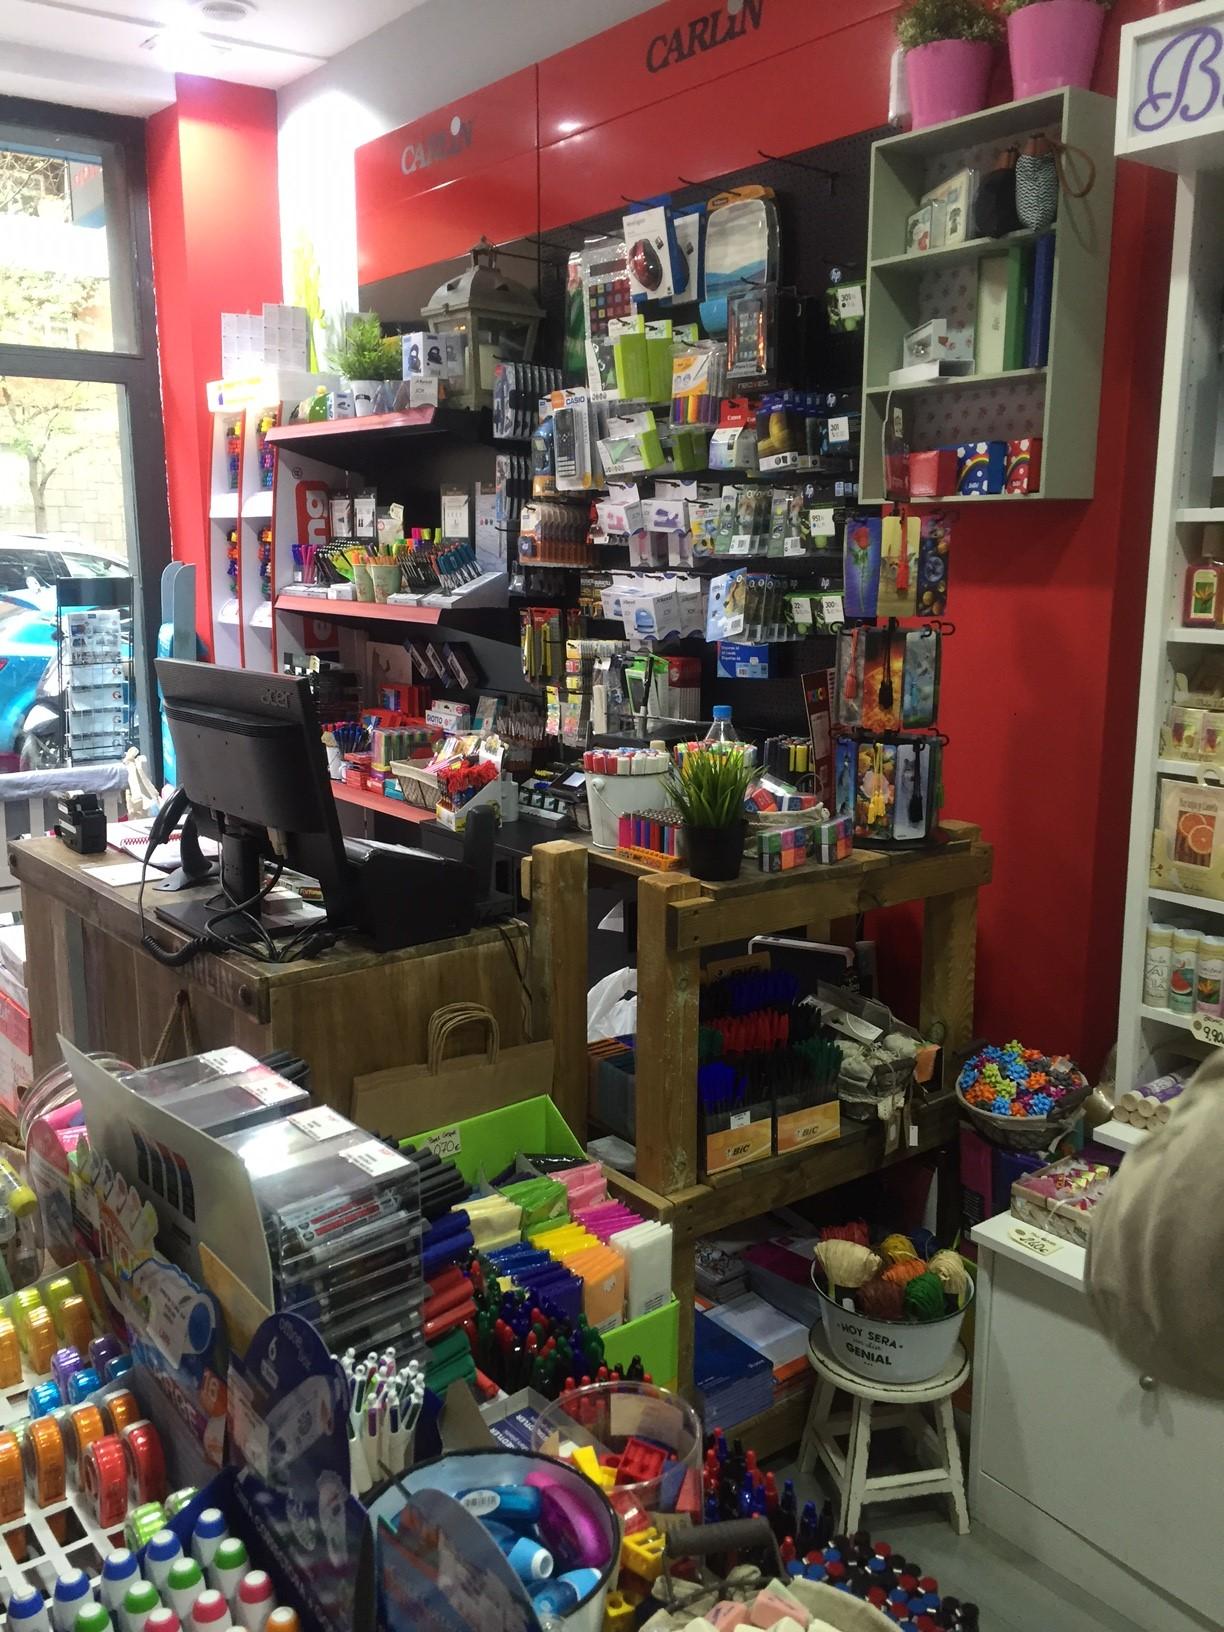 Carlin abre una tienda en el centro de Madrid - Asociación Española de Franquiciadores